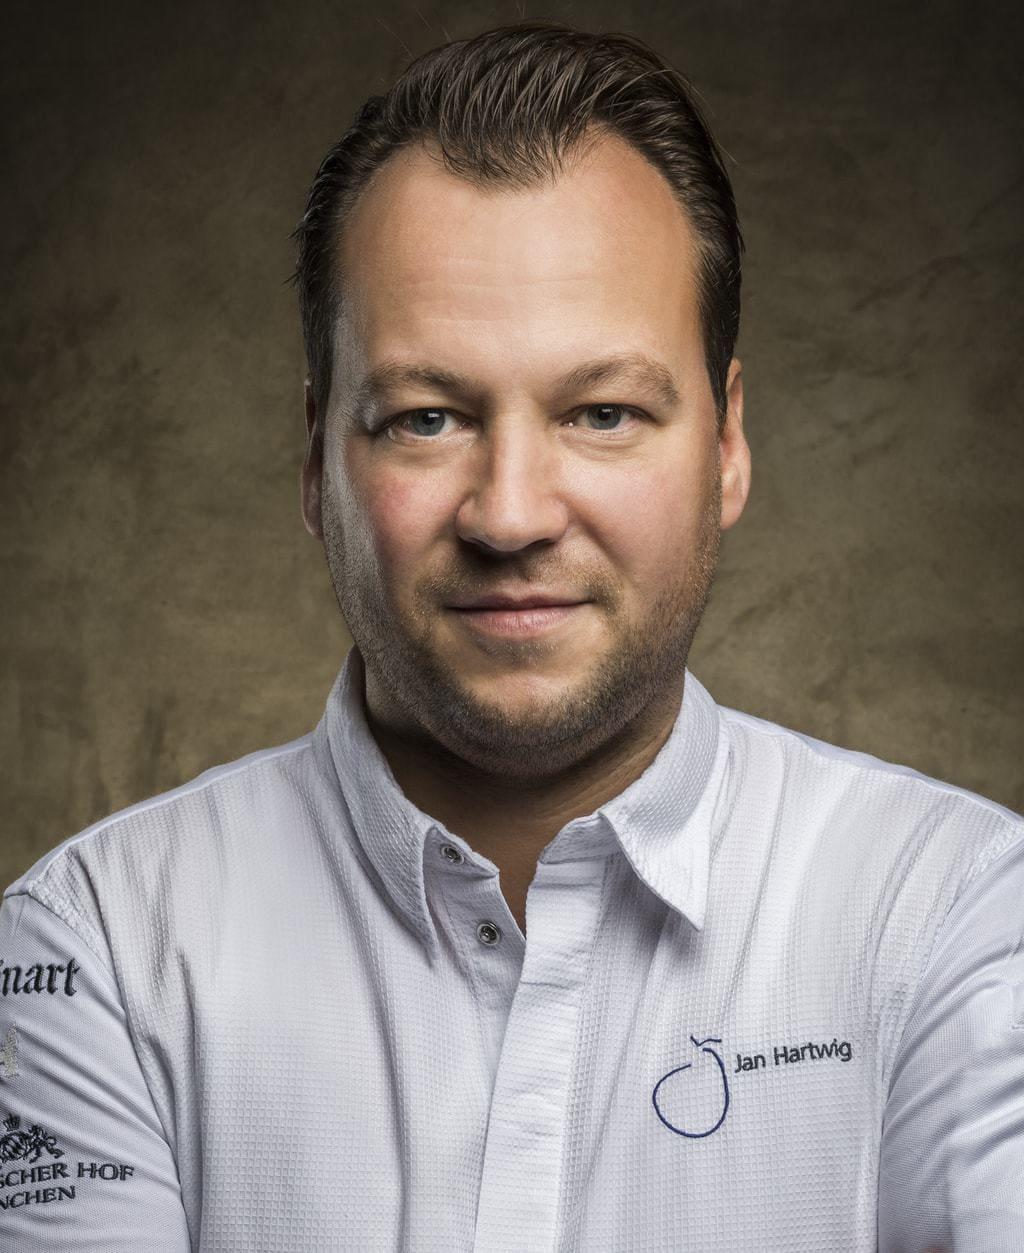 Chefkok Jan Hartwig van restaurant Atelier in Hotel Bayrischer Hof in München is een van de beste koks in Duitsland